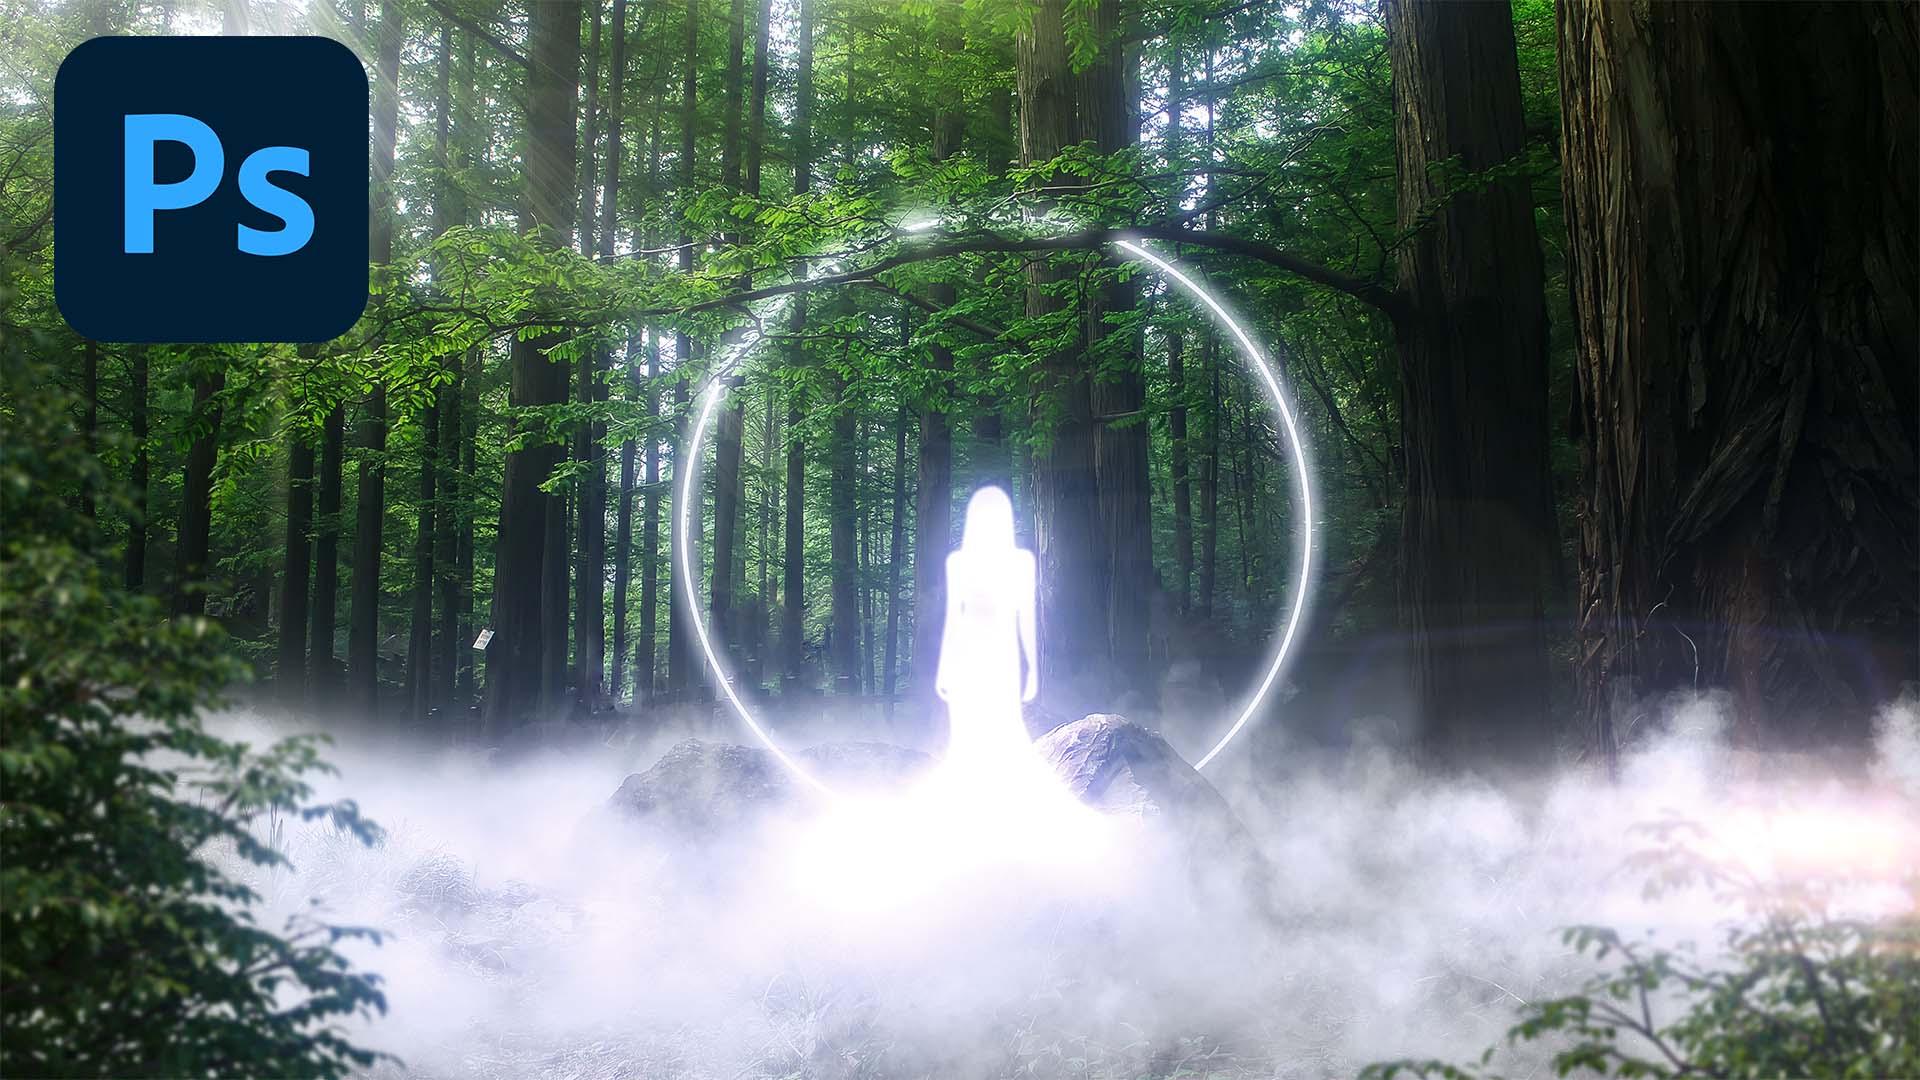 Mist effect in Photoshop